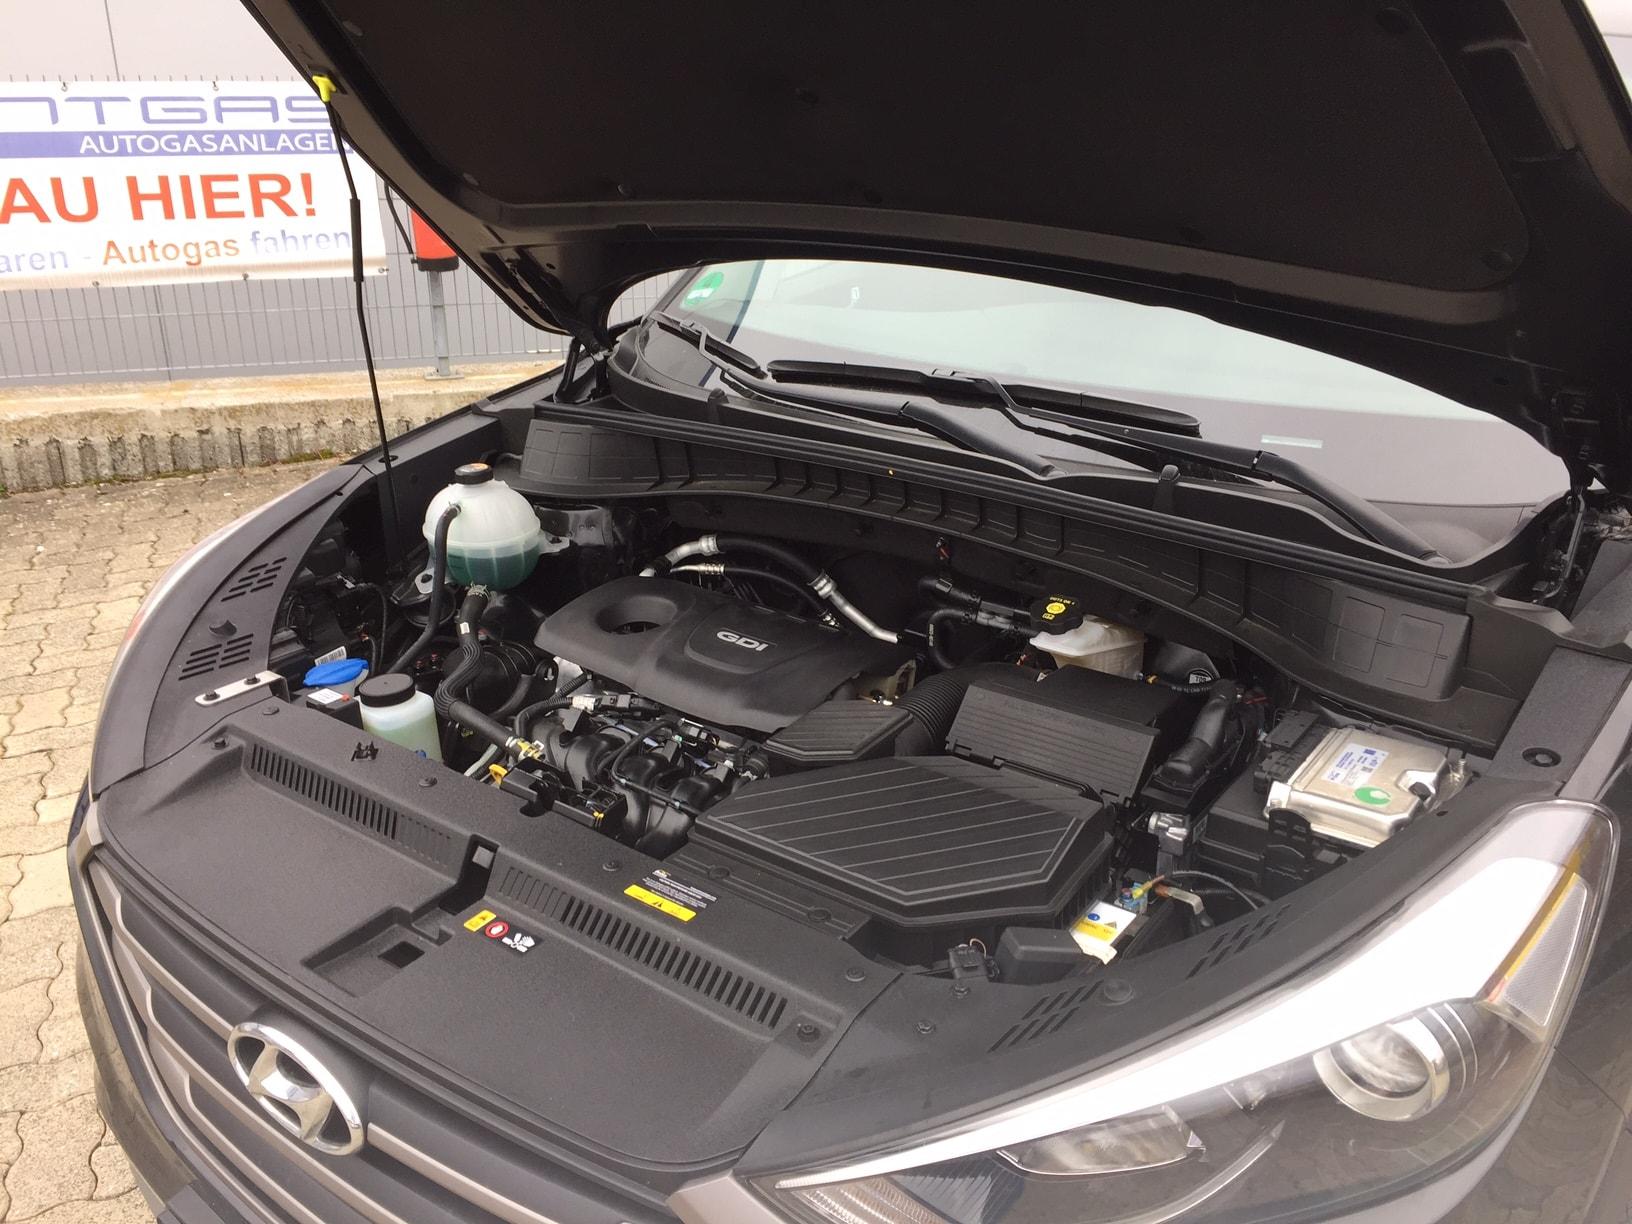 Autogas-R115-Umrüstung-auf-LPG-Autogas_Hyundai-Tucson-1,6GDI-Direkteinspritzer-Prins-DLM-Motor